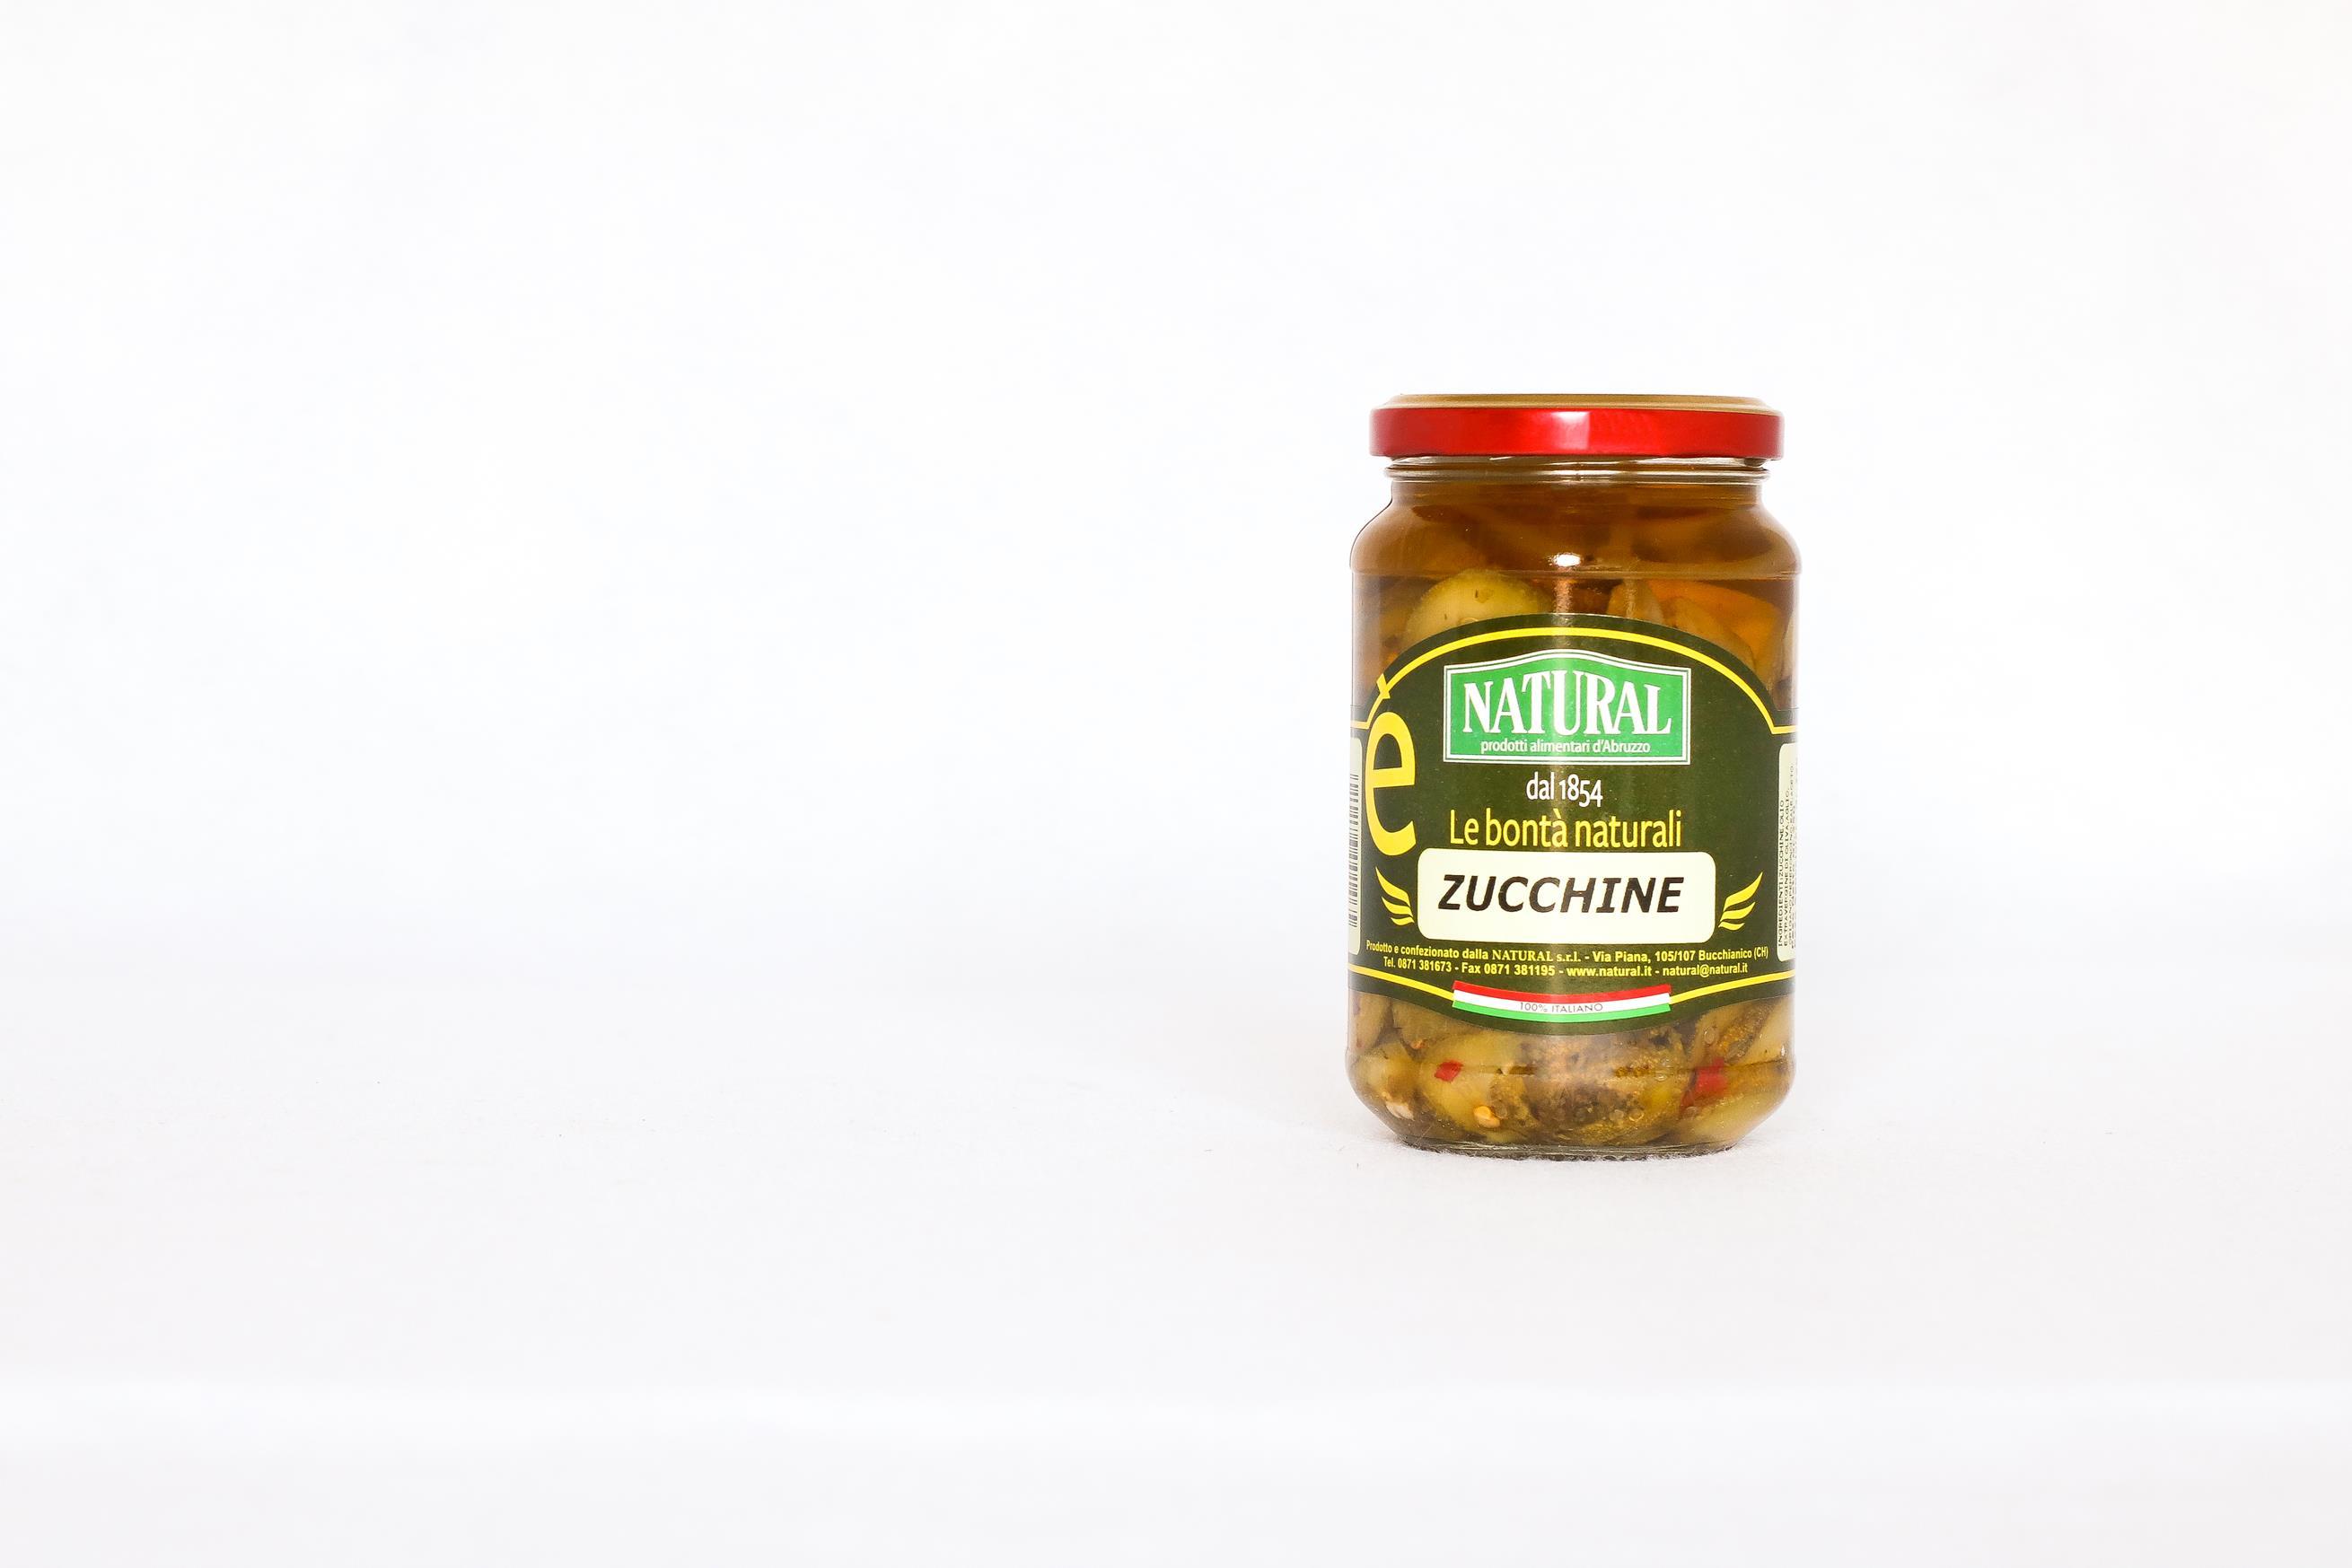 Natural Zucchine Sottolio